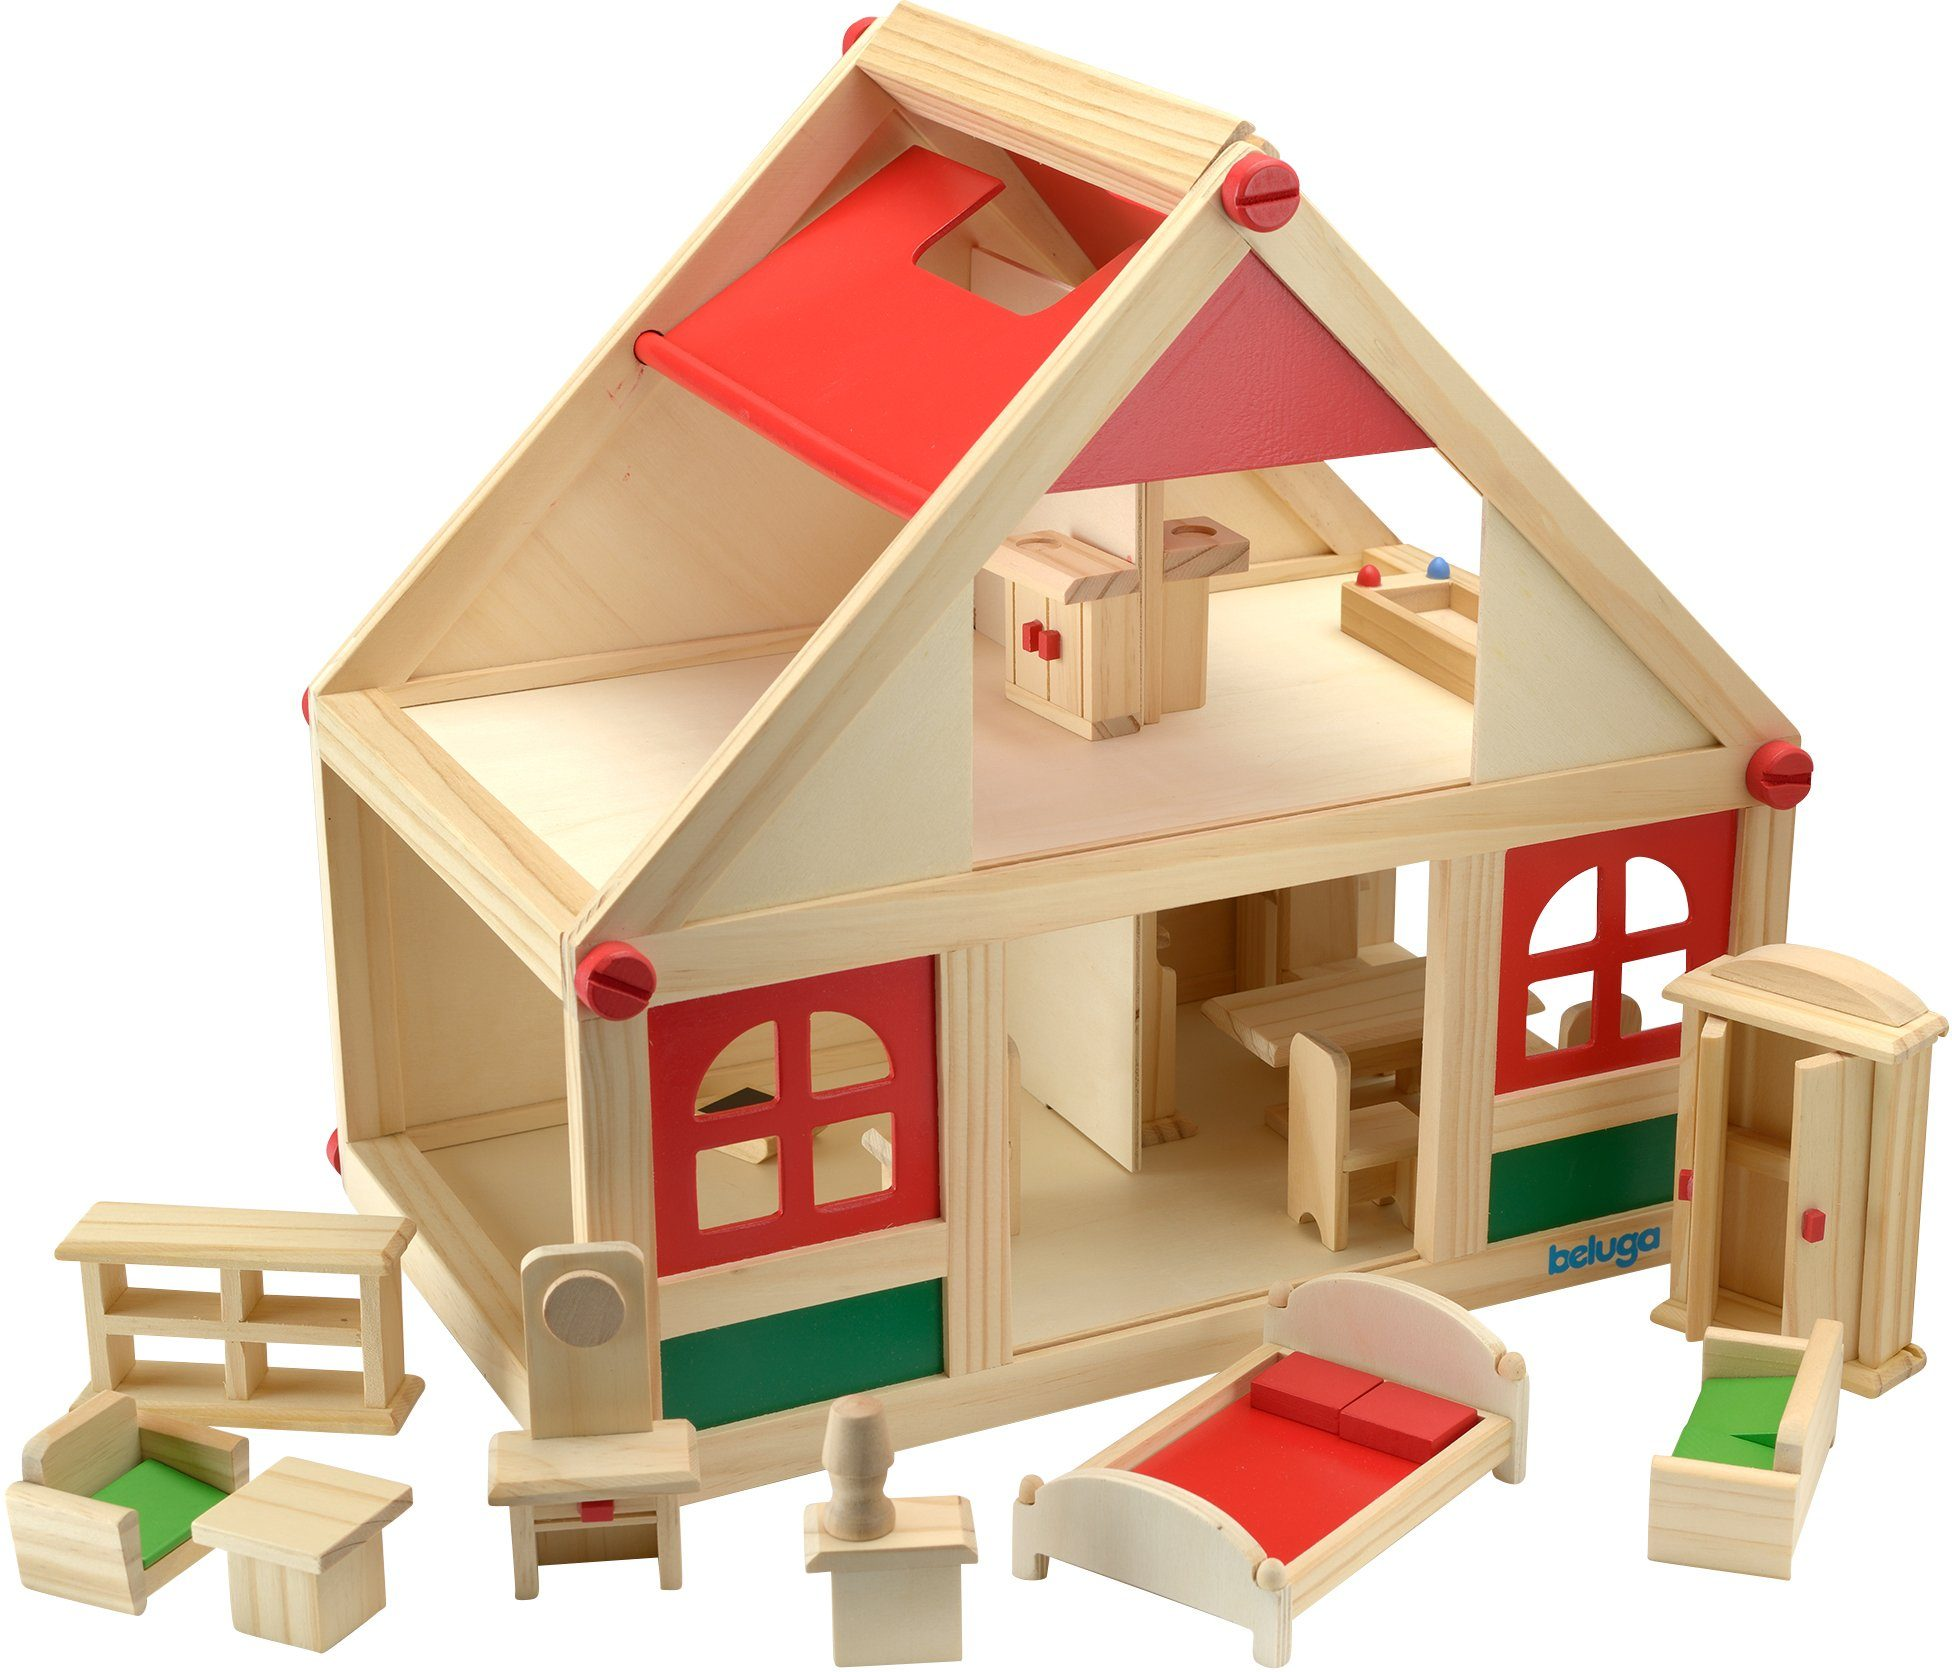 Beluga Spielset, »Puppenhaus mit Möbeln«